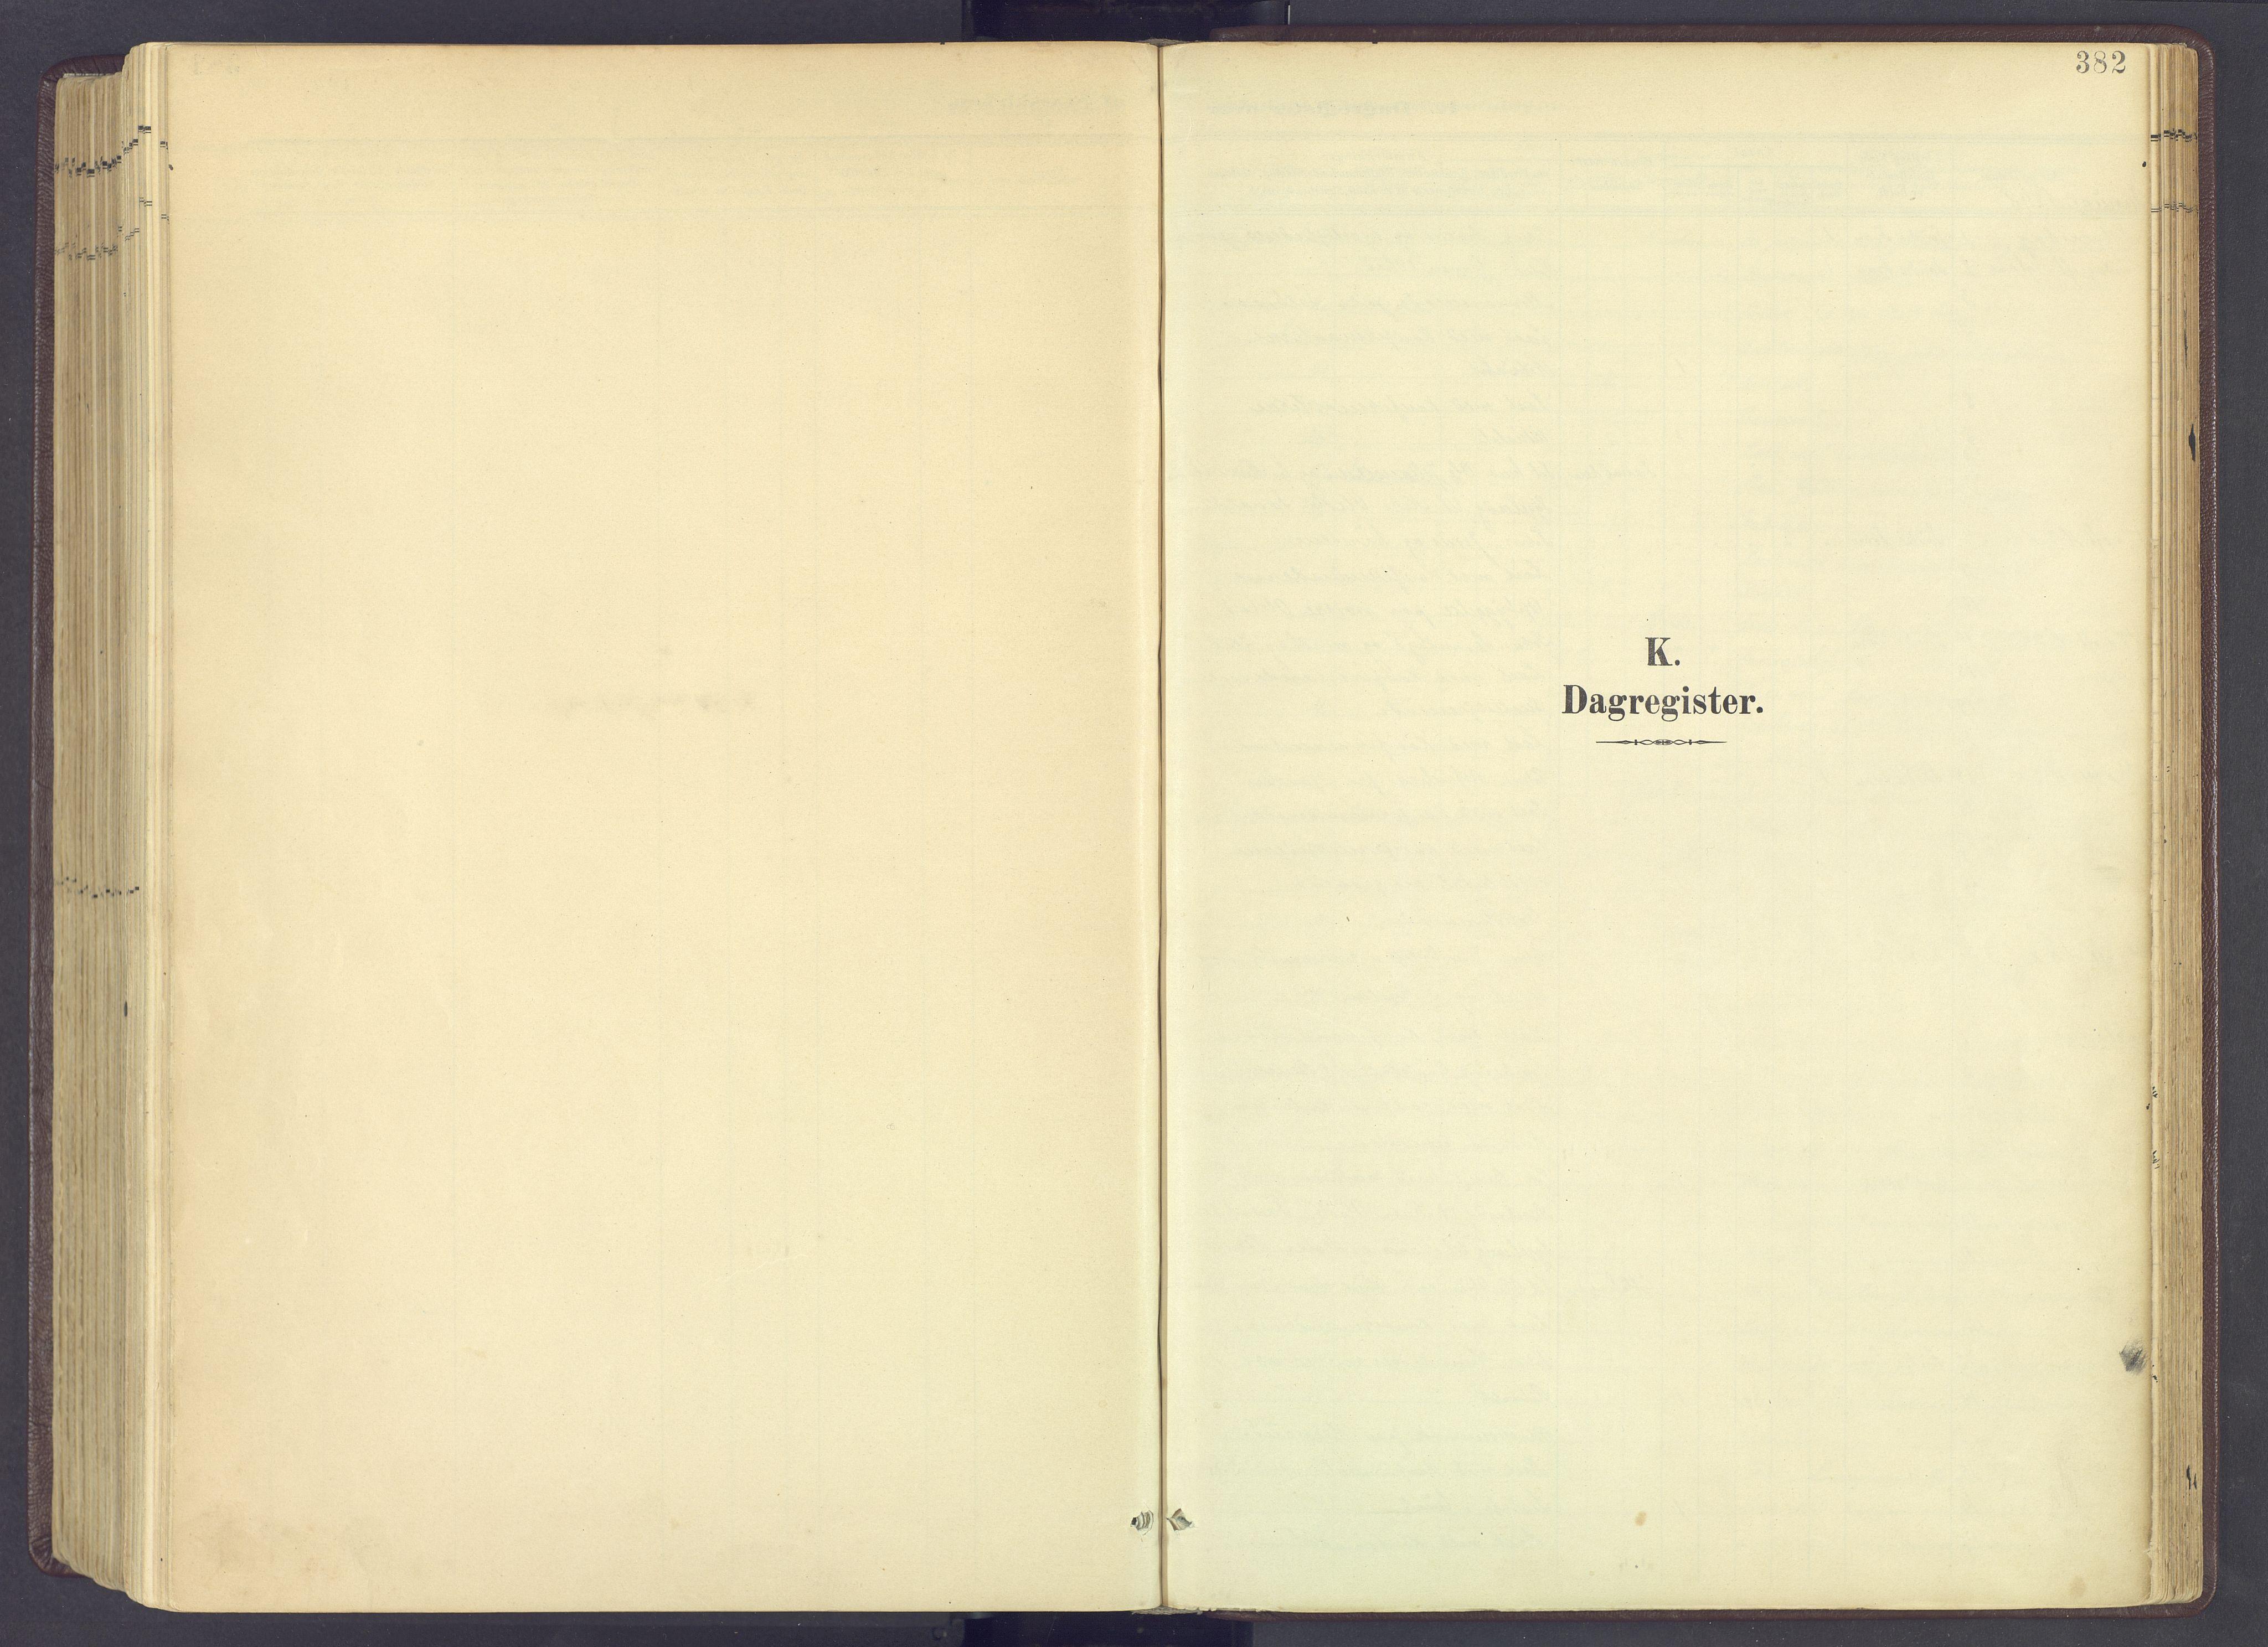 SAH, Sør-Fron prestekontor, H/Ha/Haa/L0004: Parish register (official) no. 4, 1898-1919, p. 382